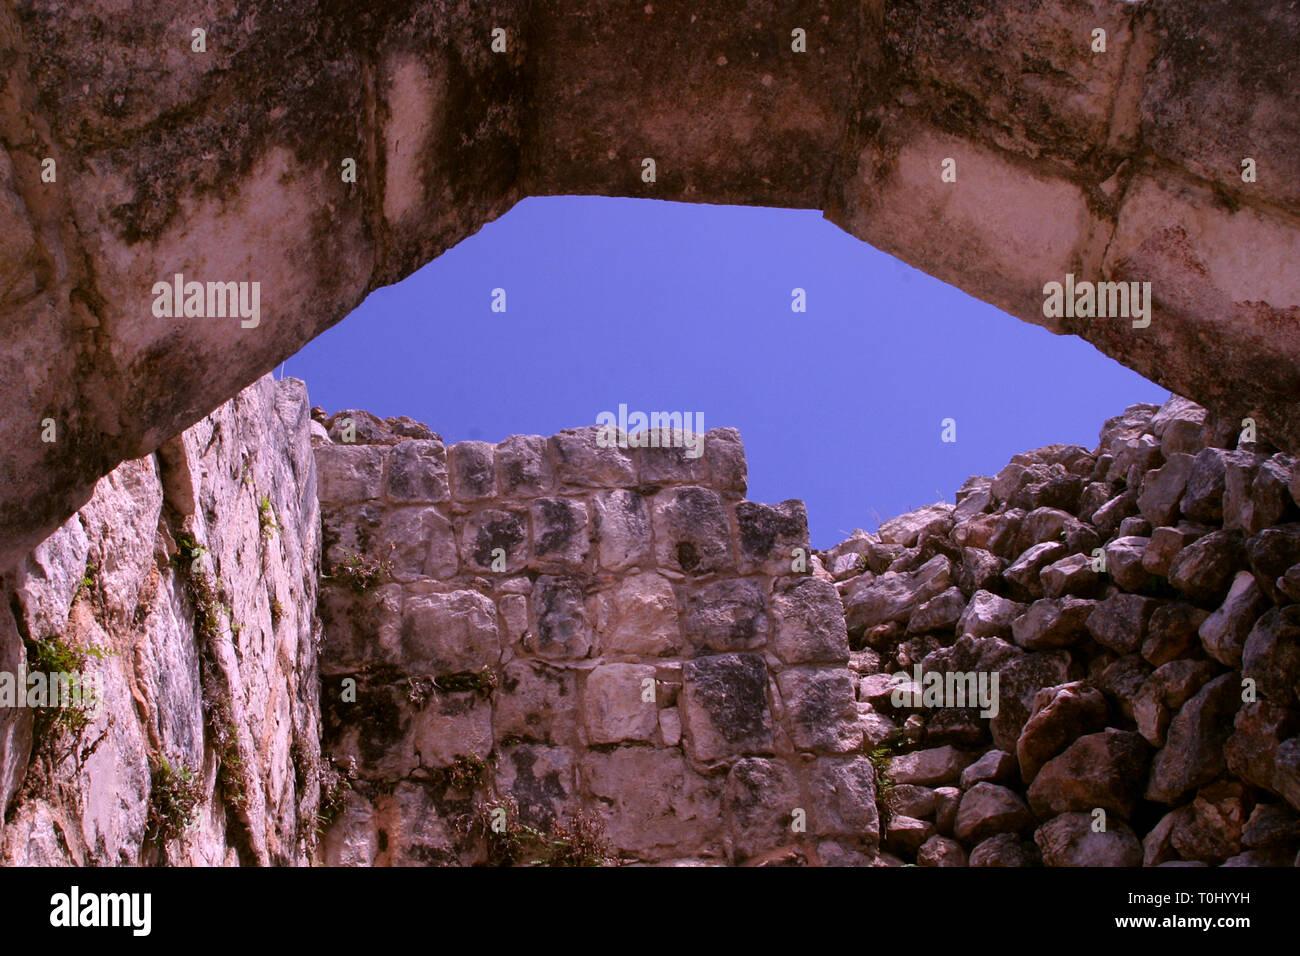 Zona arqueologica de Chichen Itza Zona arqueológica    Chichén ItzáChichén Itzá maya: (Chichén) Boca del pozo;   de los (Itzá) brujos de agua.   Es uno de los principales sitios arqueológicos de la   península de Yucatán, en México, ubicado en el municipio de Tinum.  *Photo:©Francisco* Morales/DAMMPHOTO.COM/NORTEPHOTO  * No * sale * a * third * Stock Photo